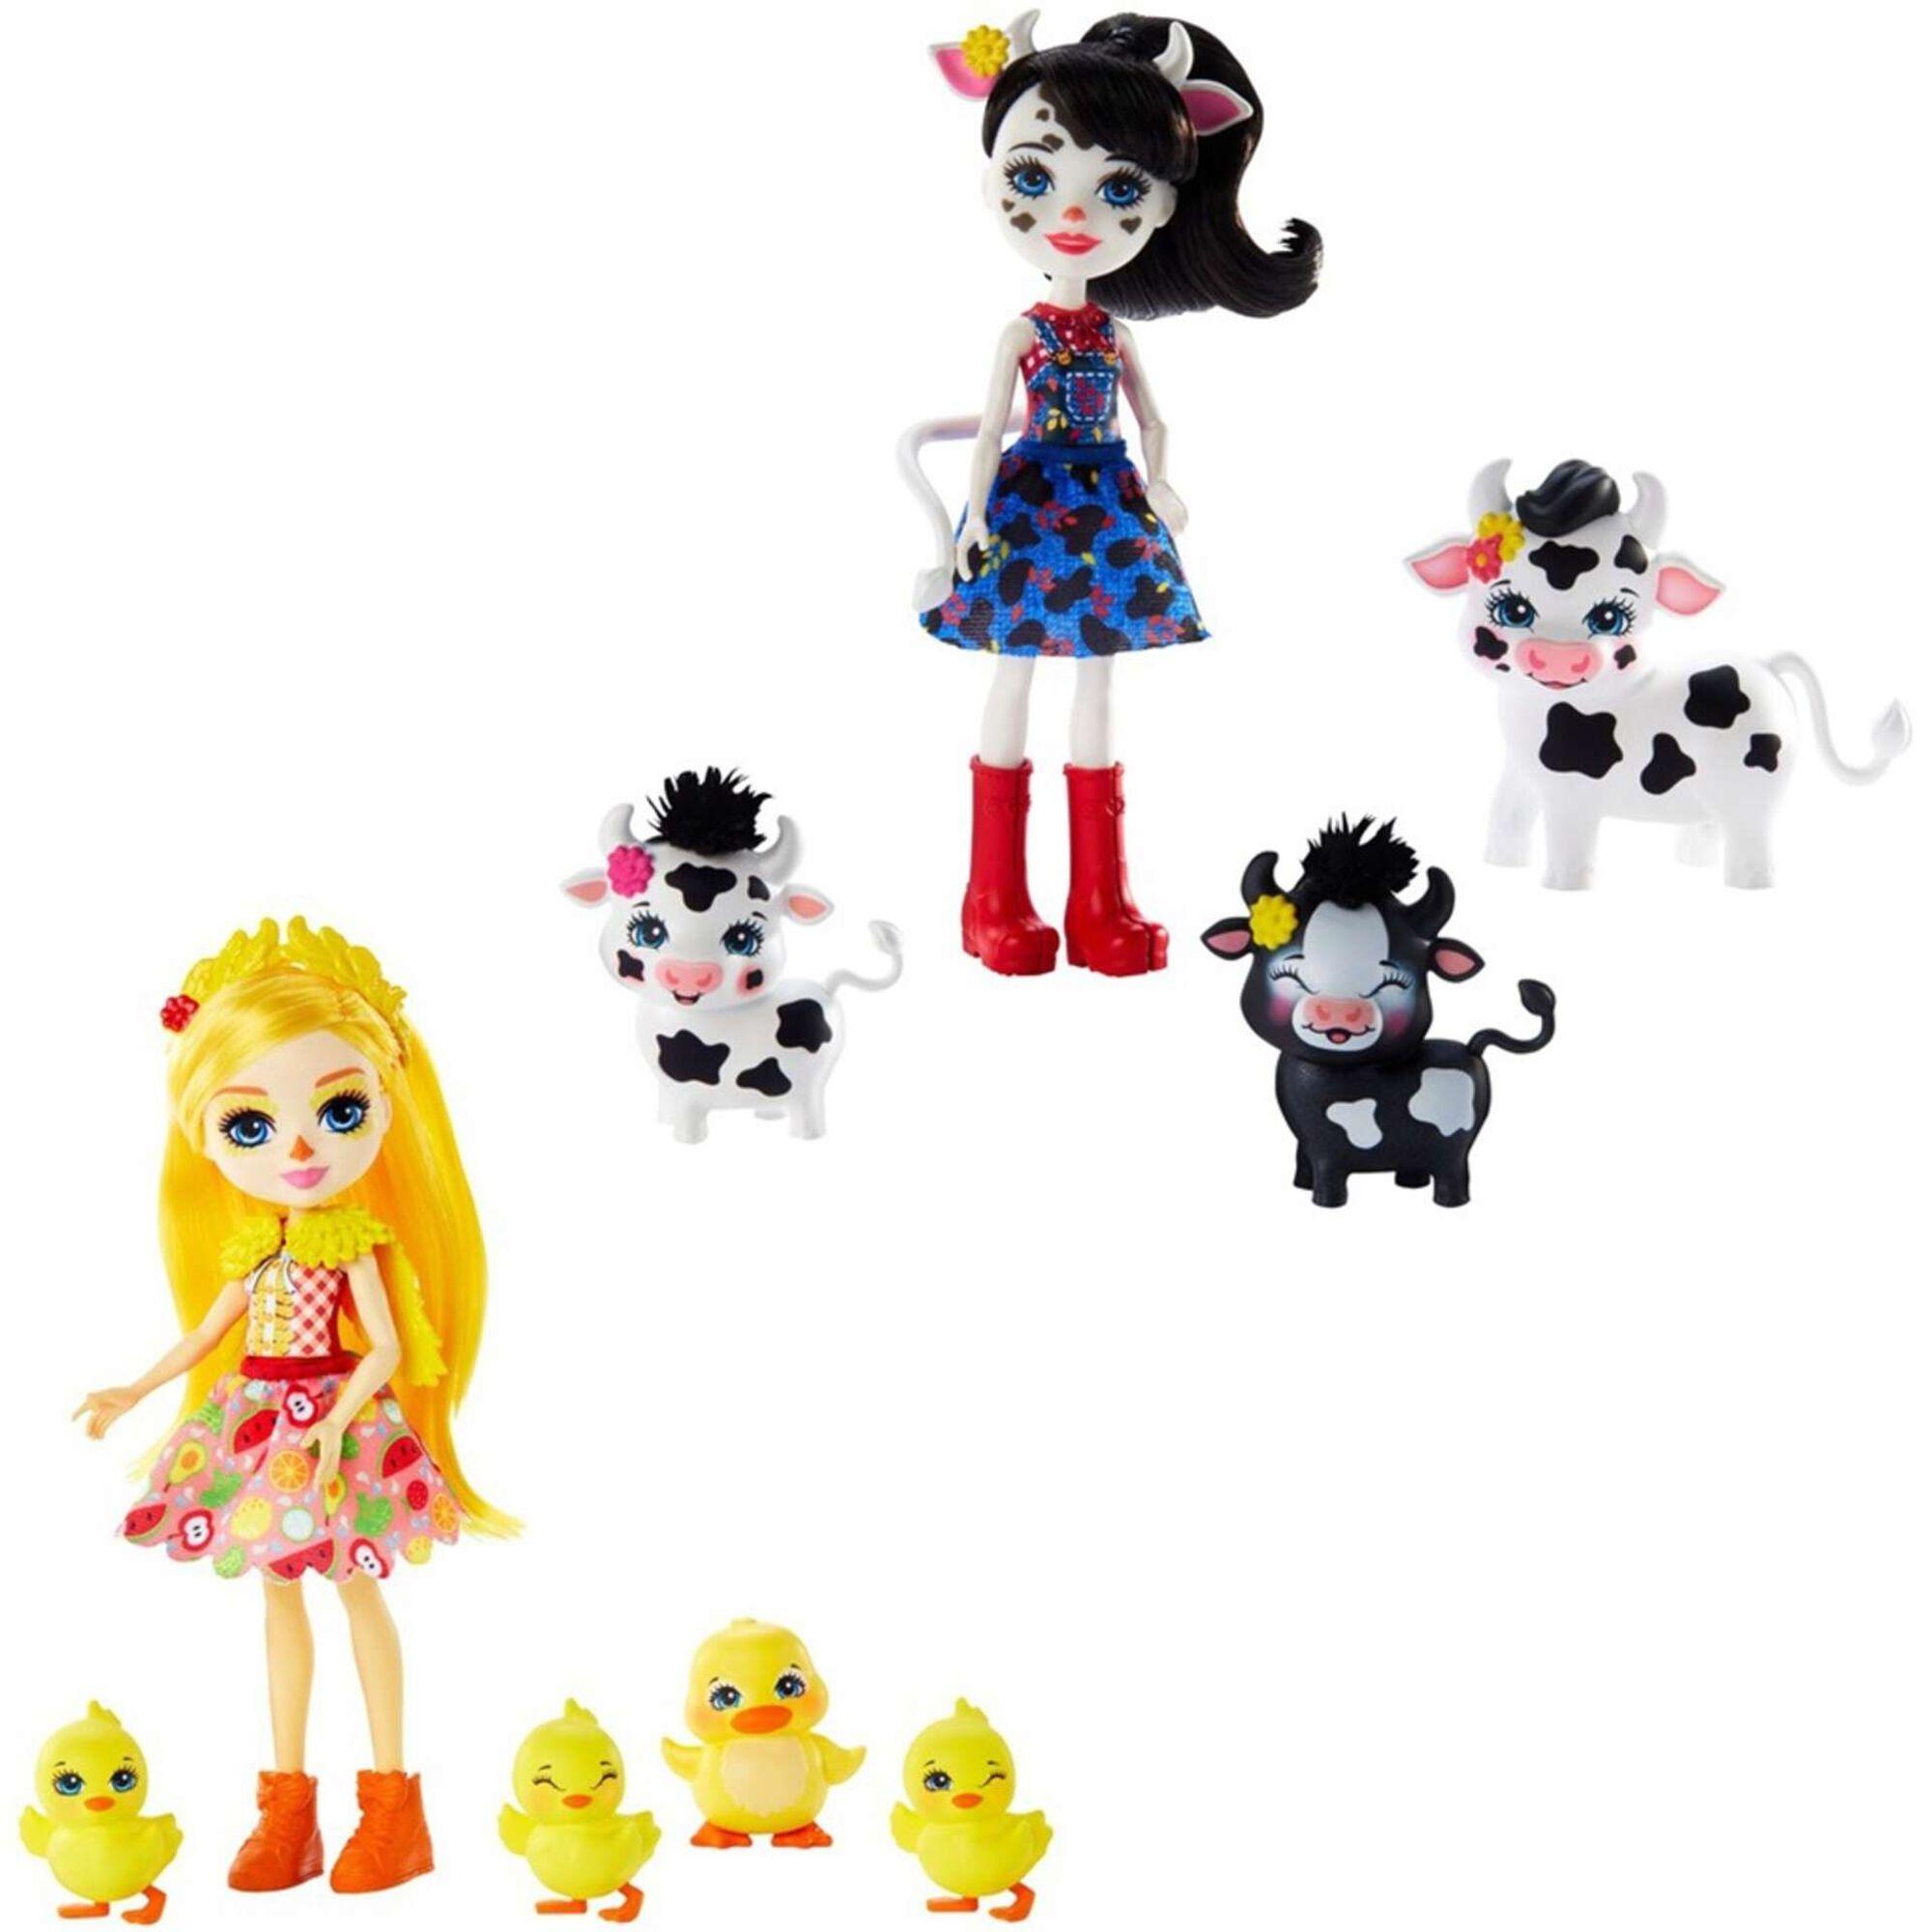 Bonecas Família Enchantimals (vários modelos)